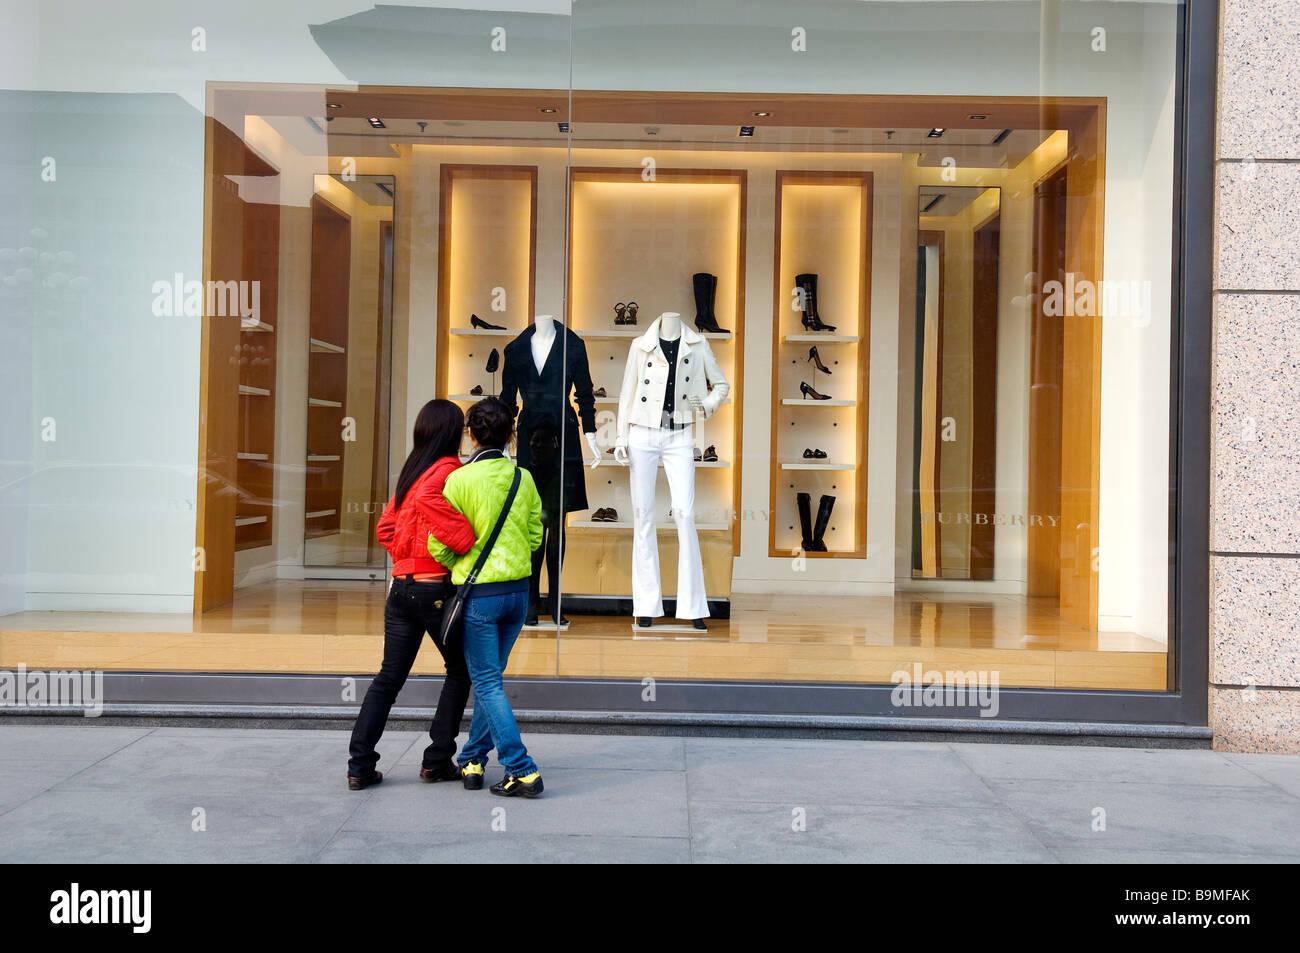 La Chine, Pékin, l'Oriental Plaza Shopping mal en centre ville dans une Avenue Dongchang' Jie Photo Stock